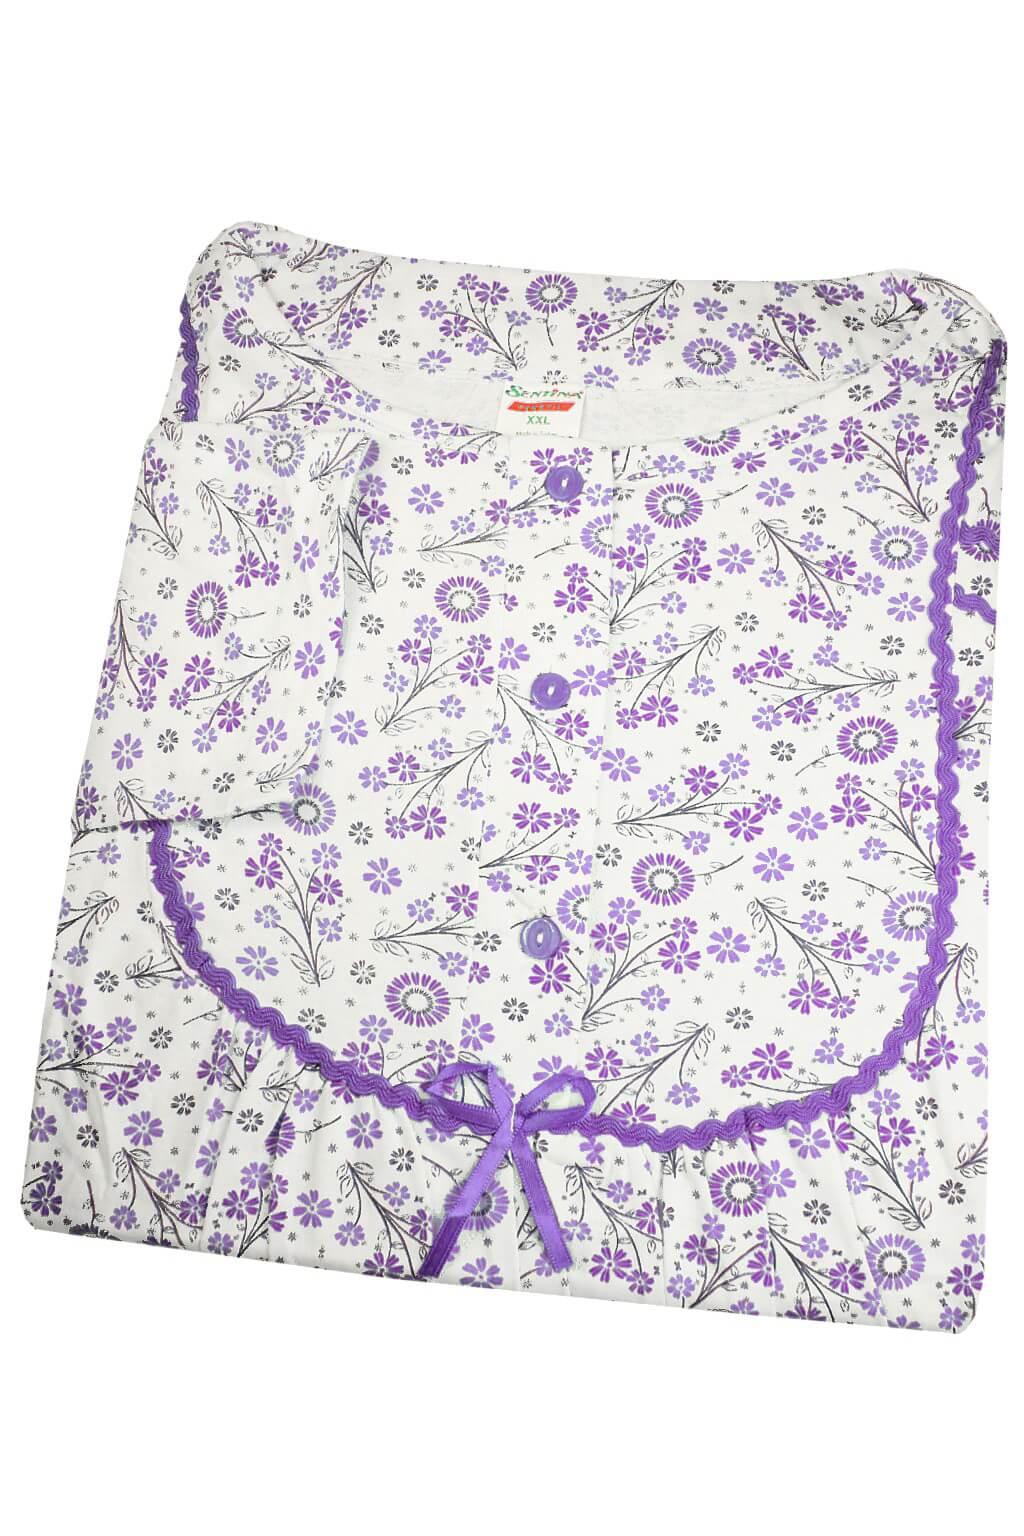 Odelia dámská noční košile XXL XXL fialová